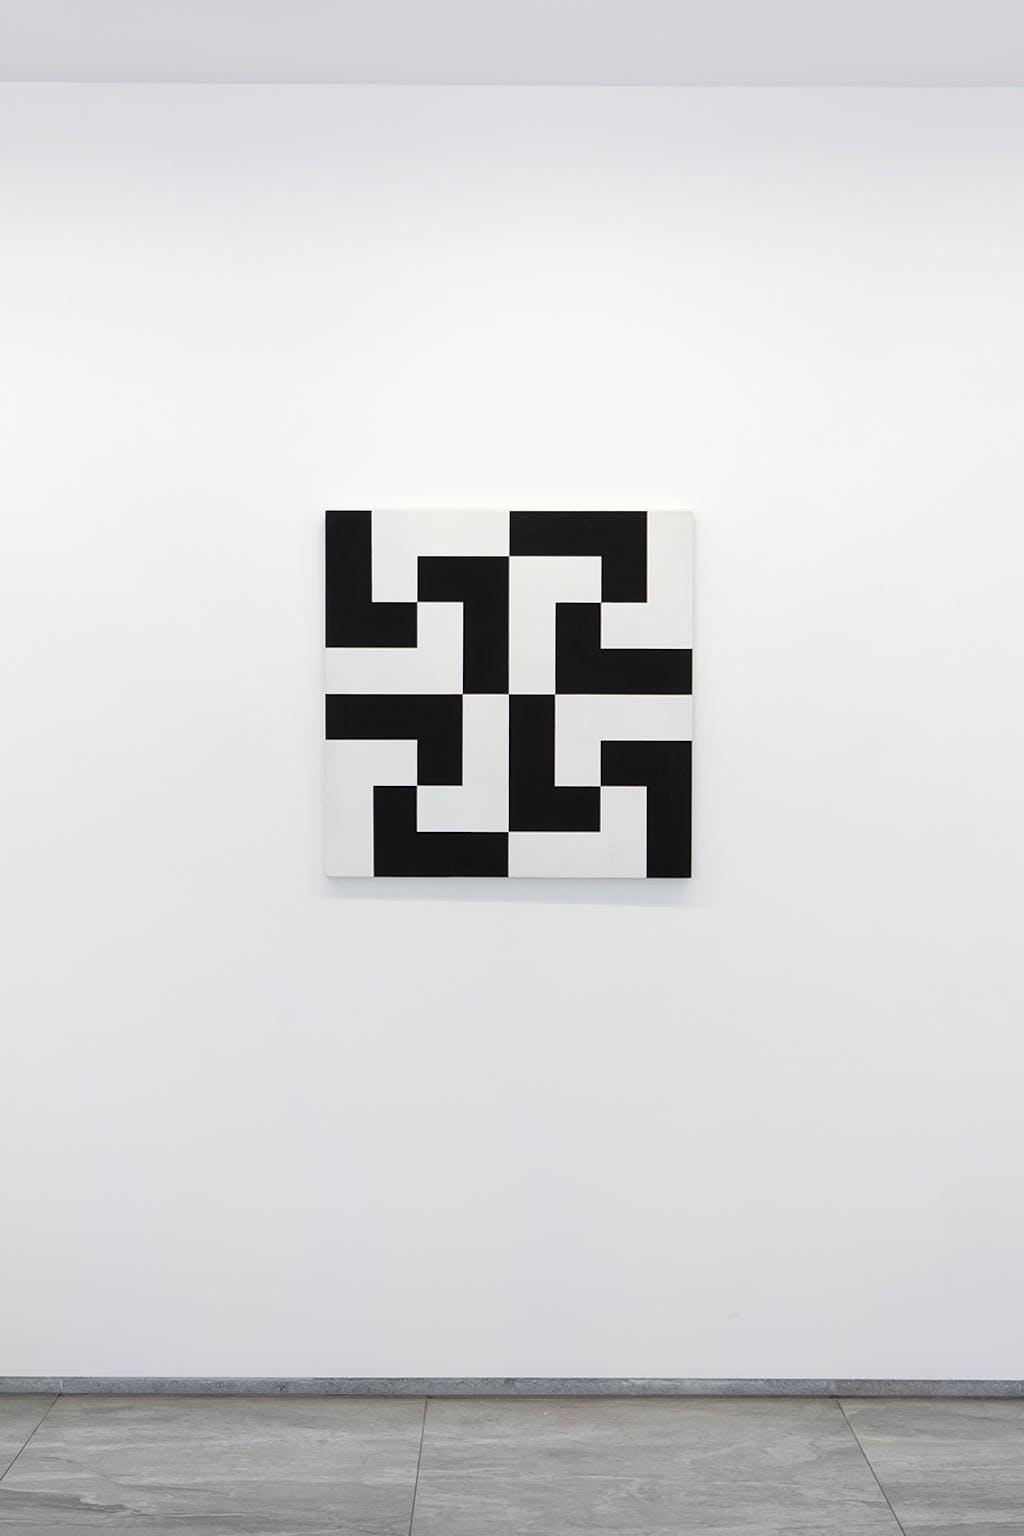 Répartition de 16 formes identiques - © kamel mennour